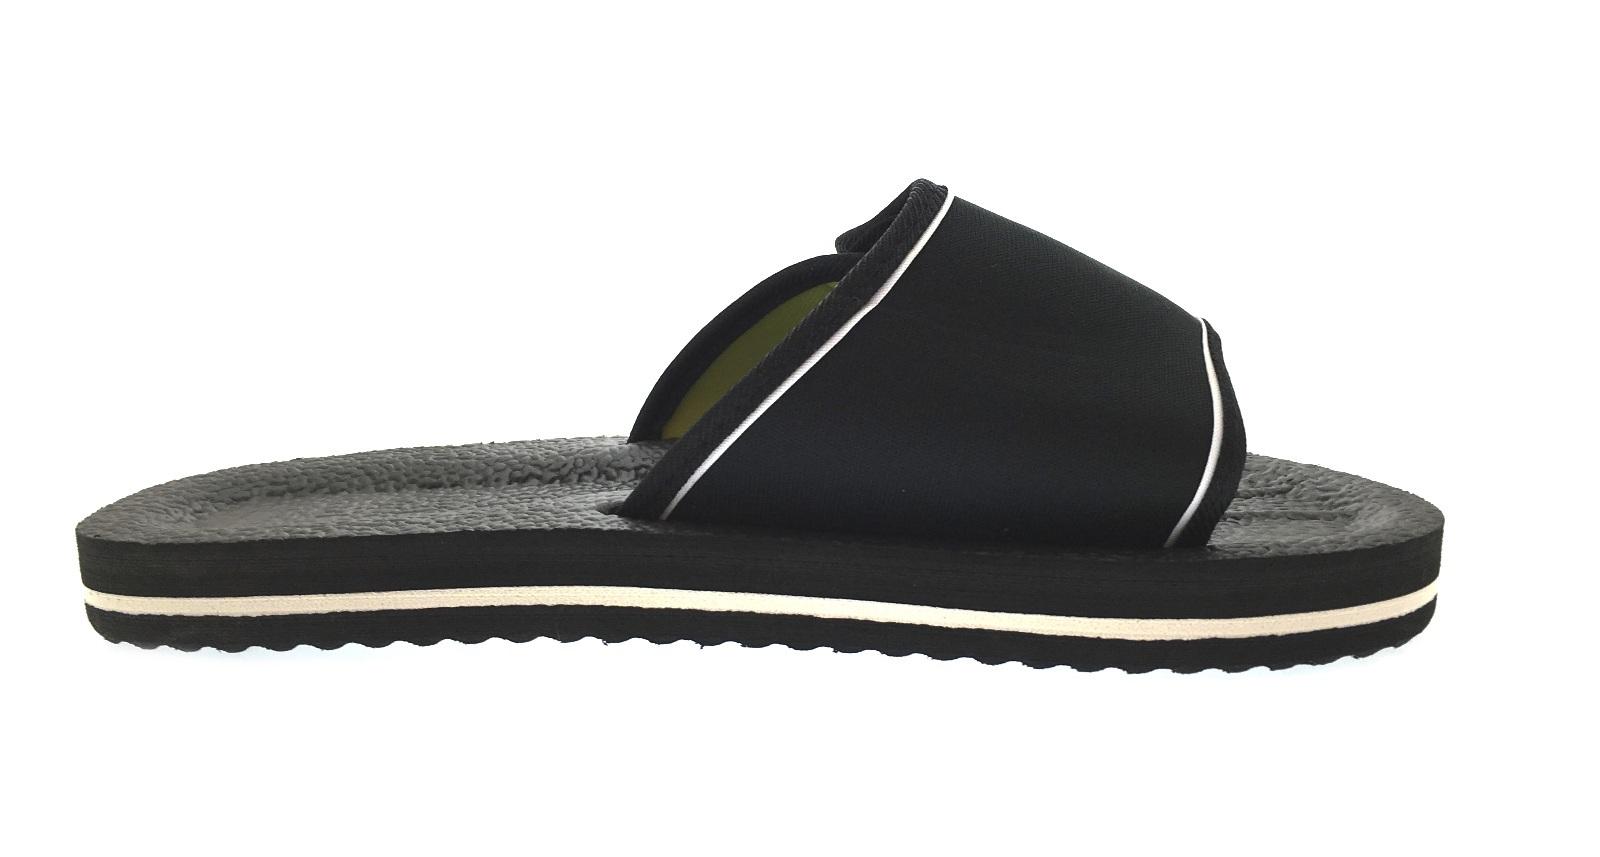 00aa8558656a Mens Lightweight Sandals Adjustable Beach Flip Flops Summer Shoes ...